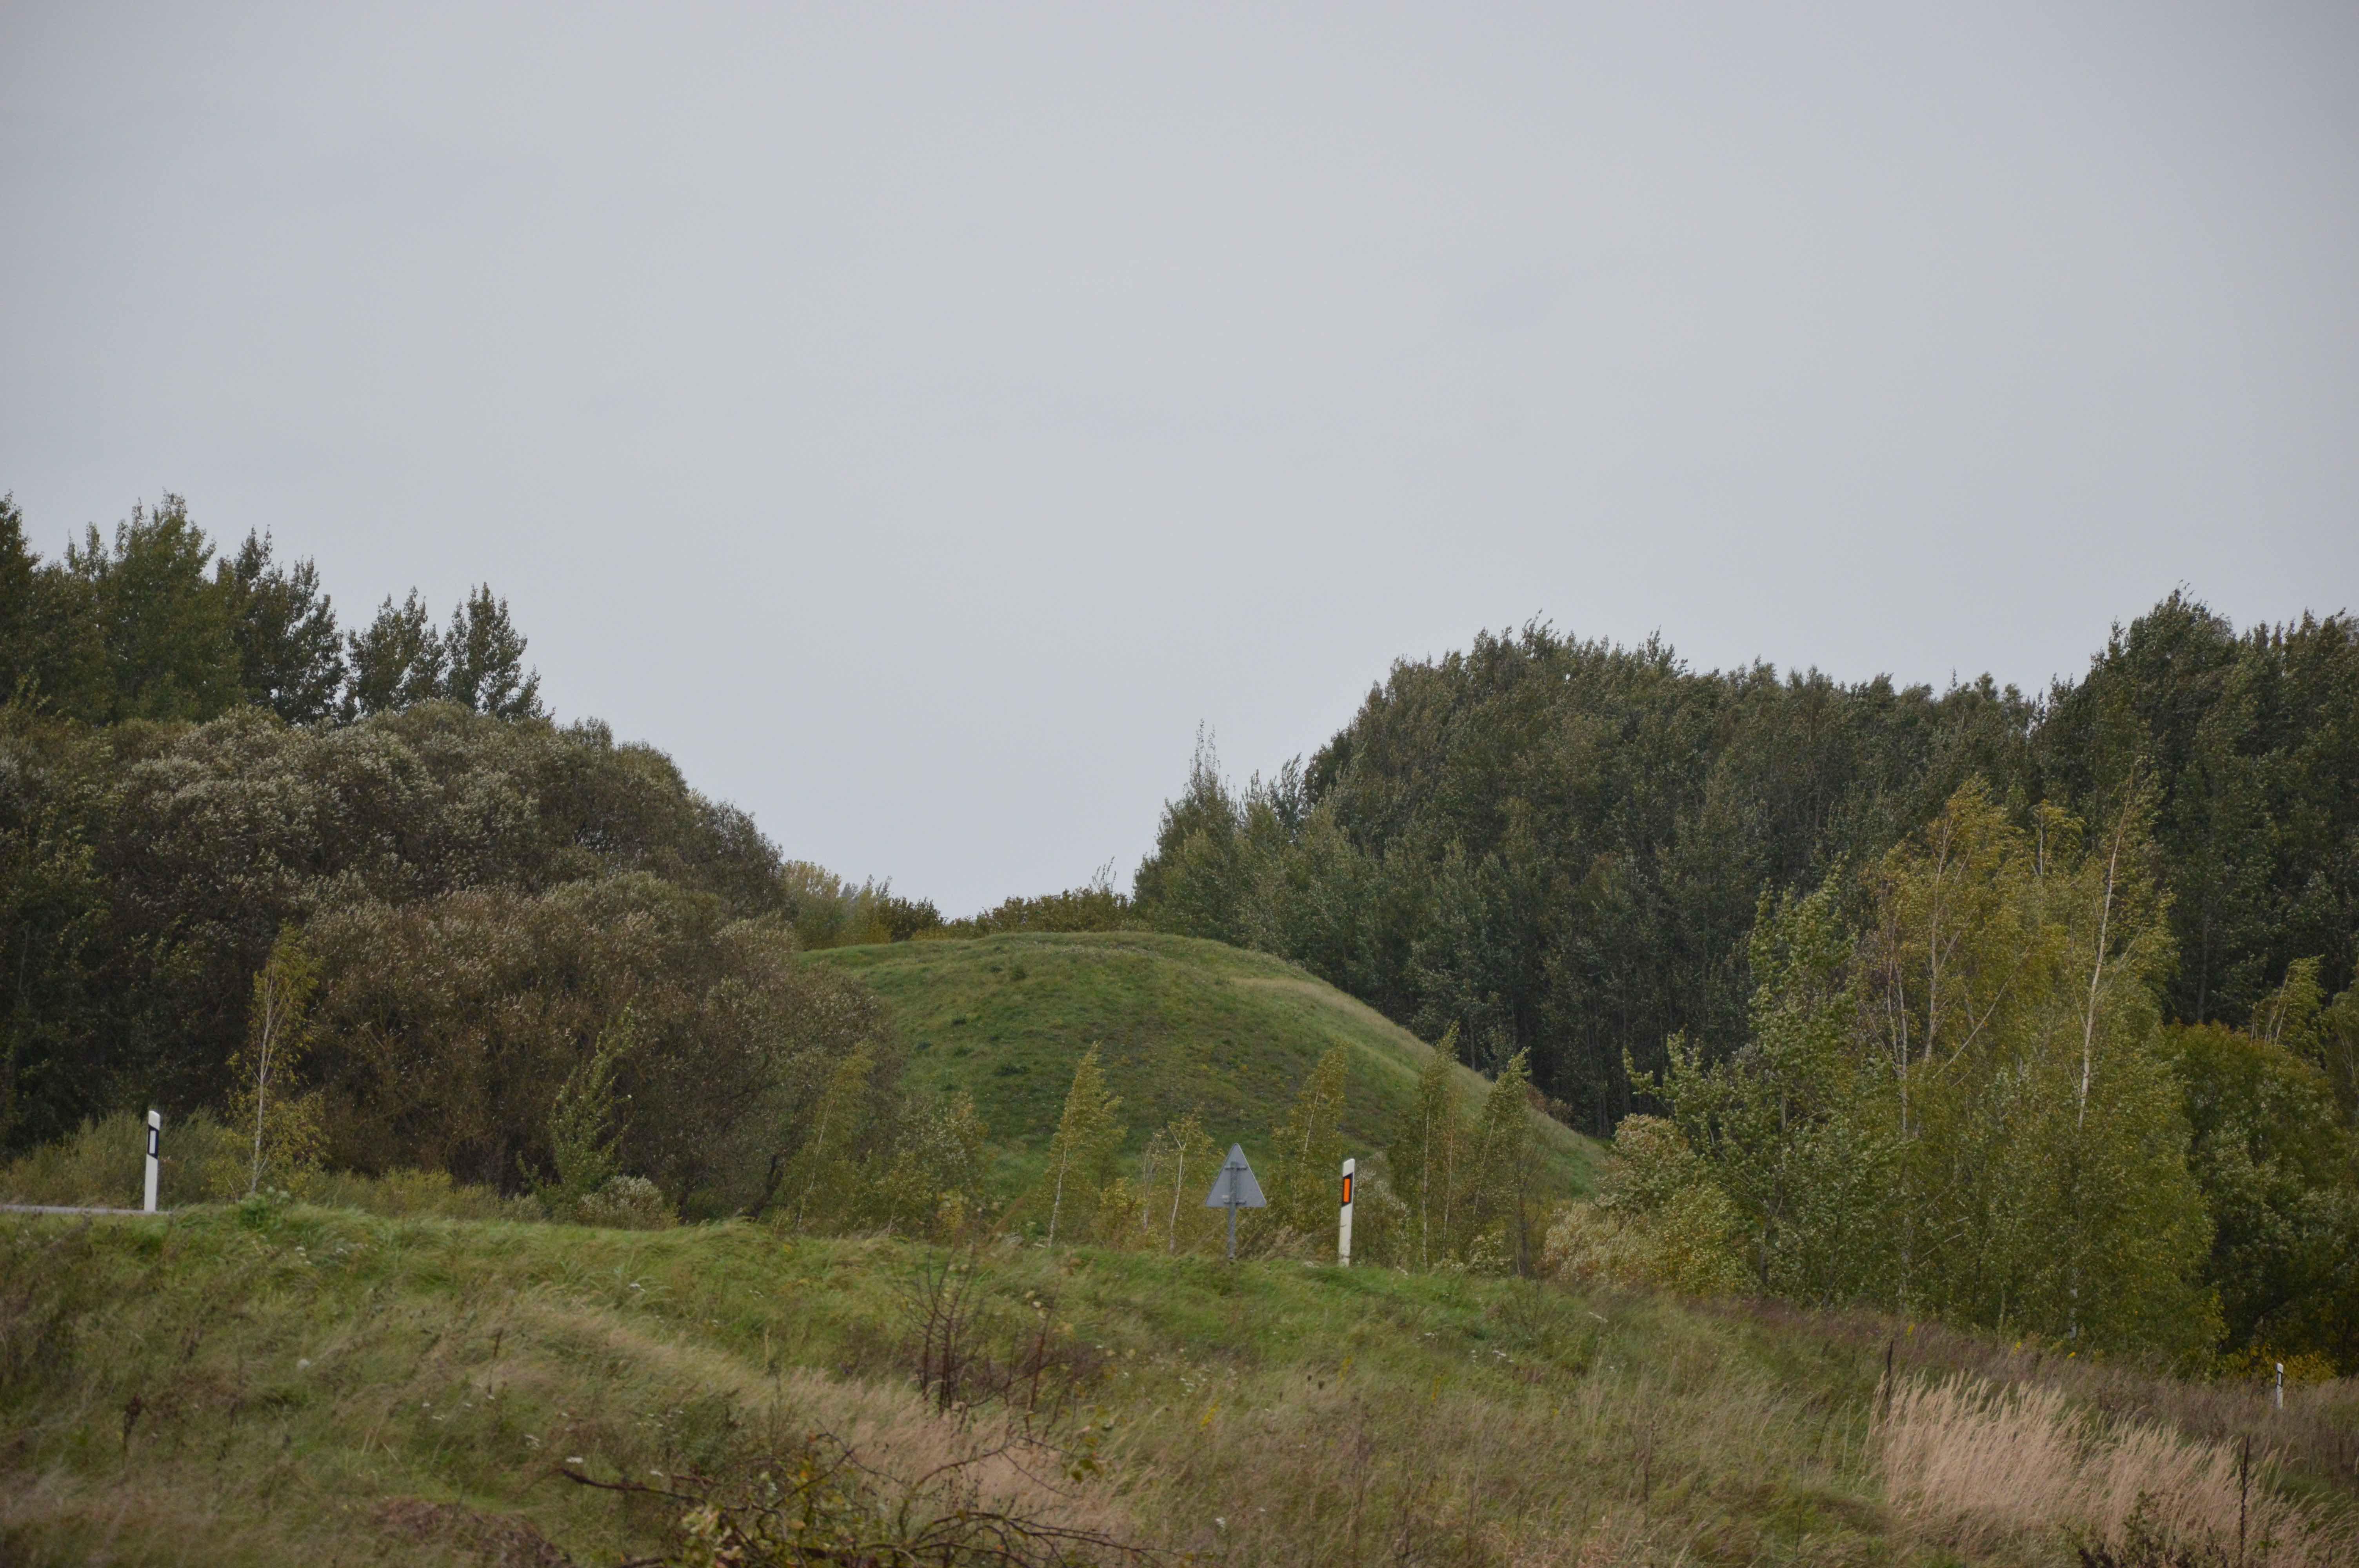 Nuo gyvenvietės pradžios atsiveria puikus vaizdas – Sangailų piliakalnis. Juditos Gaižiuvienės nuotr.